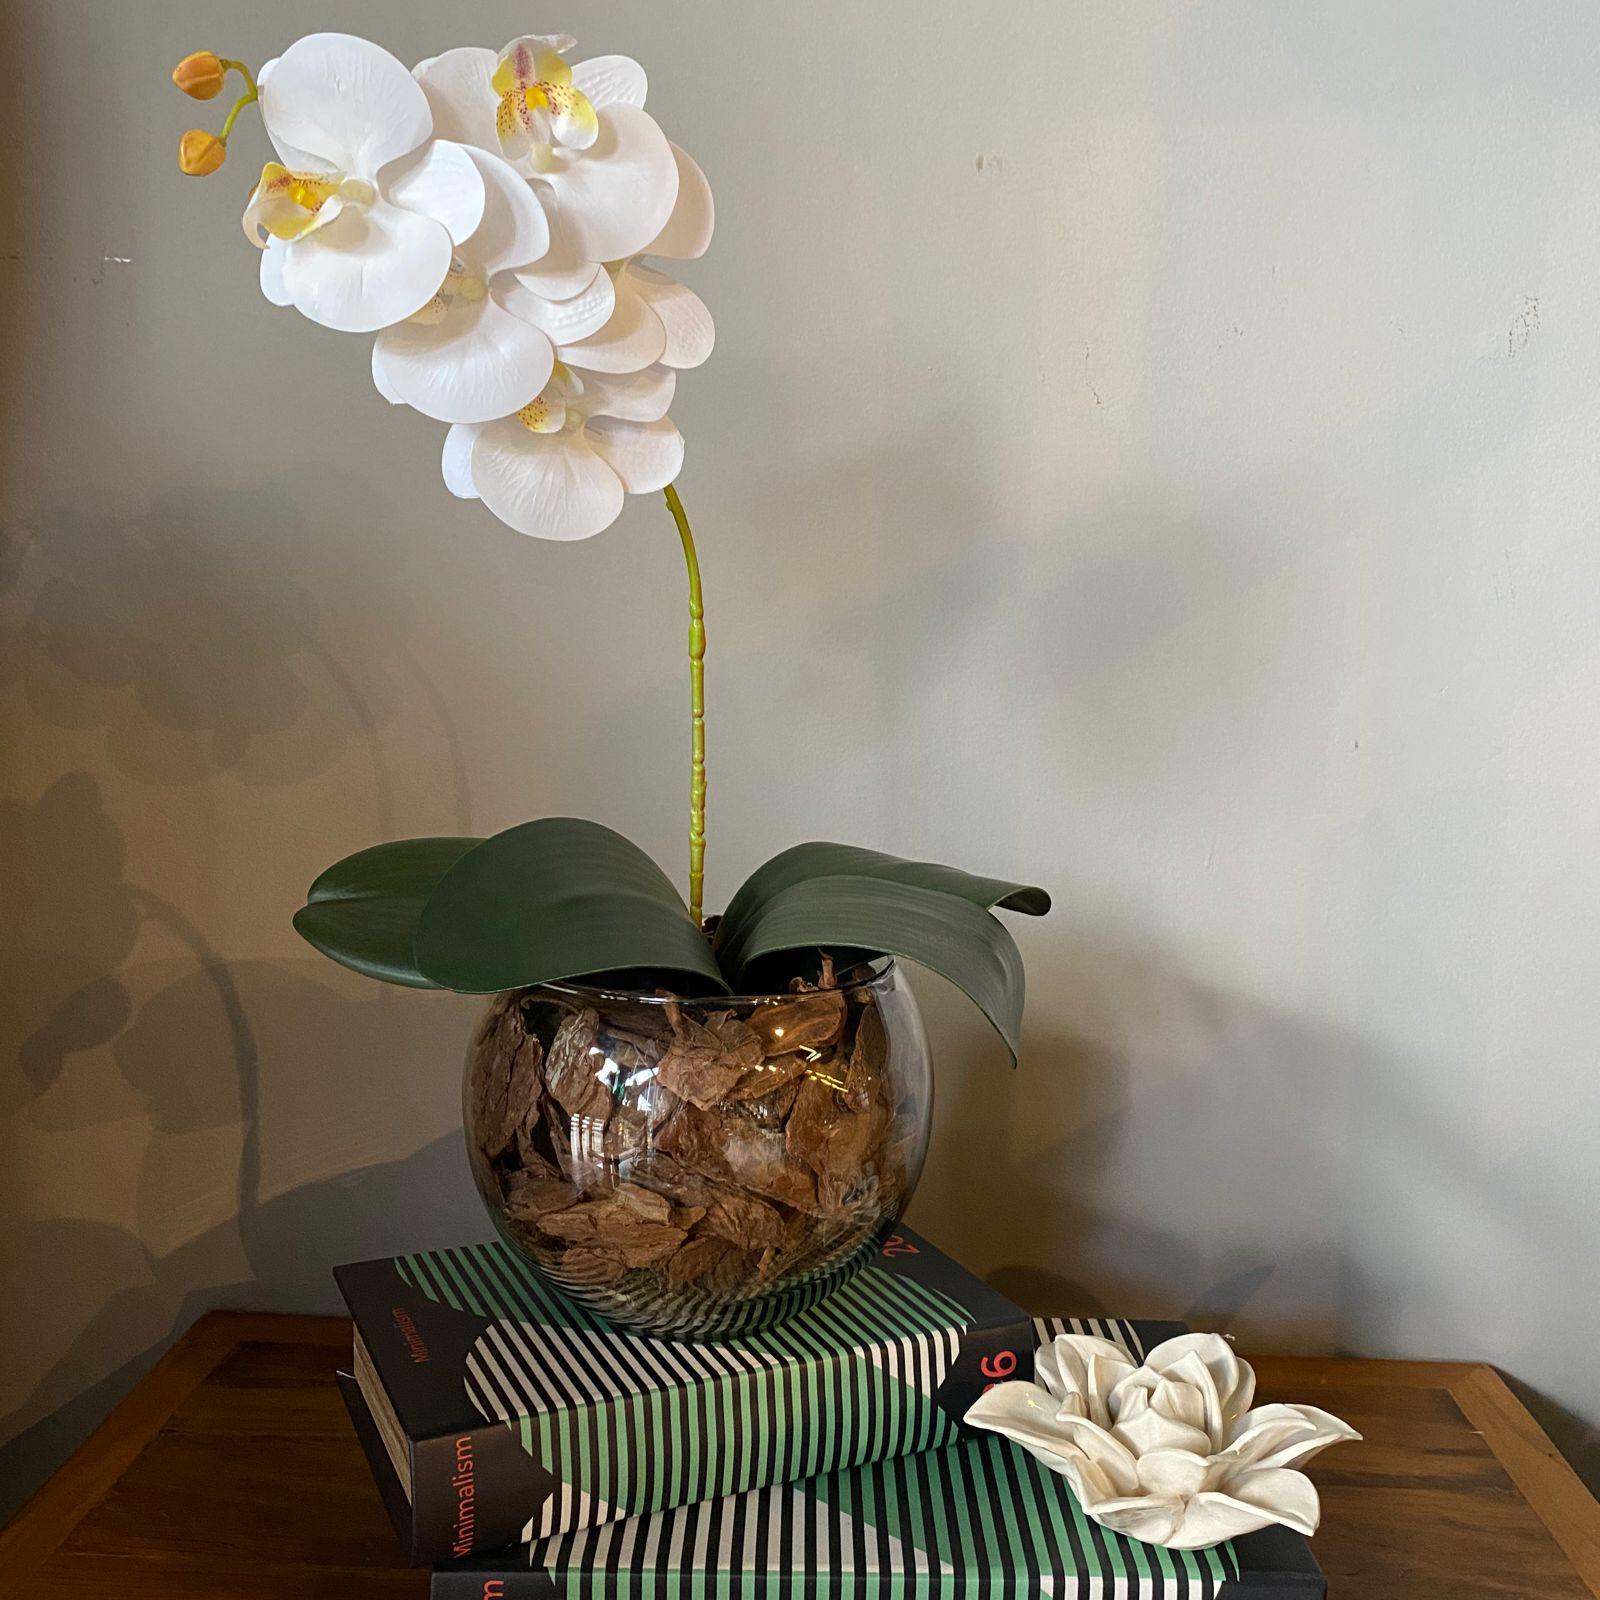 Arranjo De Orquídea Branca De Silicone No Vaso Vidro Transparente